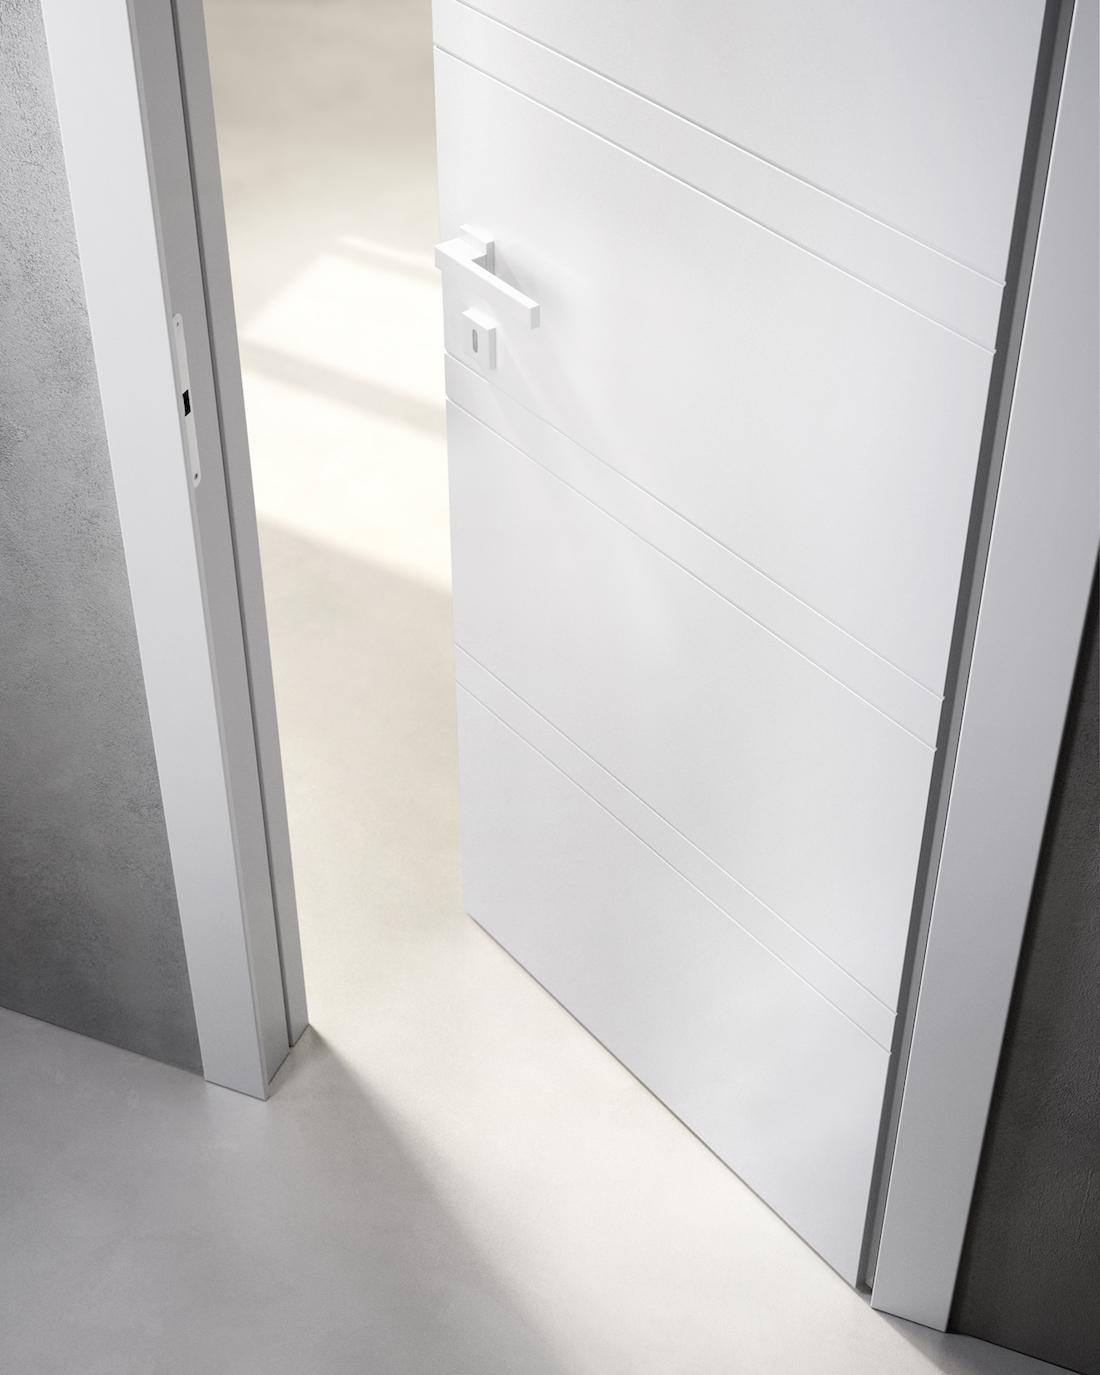 Porte in legno massiccio a filo muro linea poemia garofoli - Porte filo muro garofoli ...